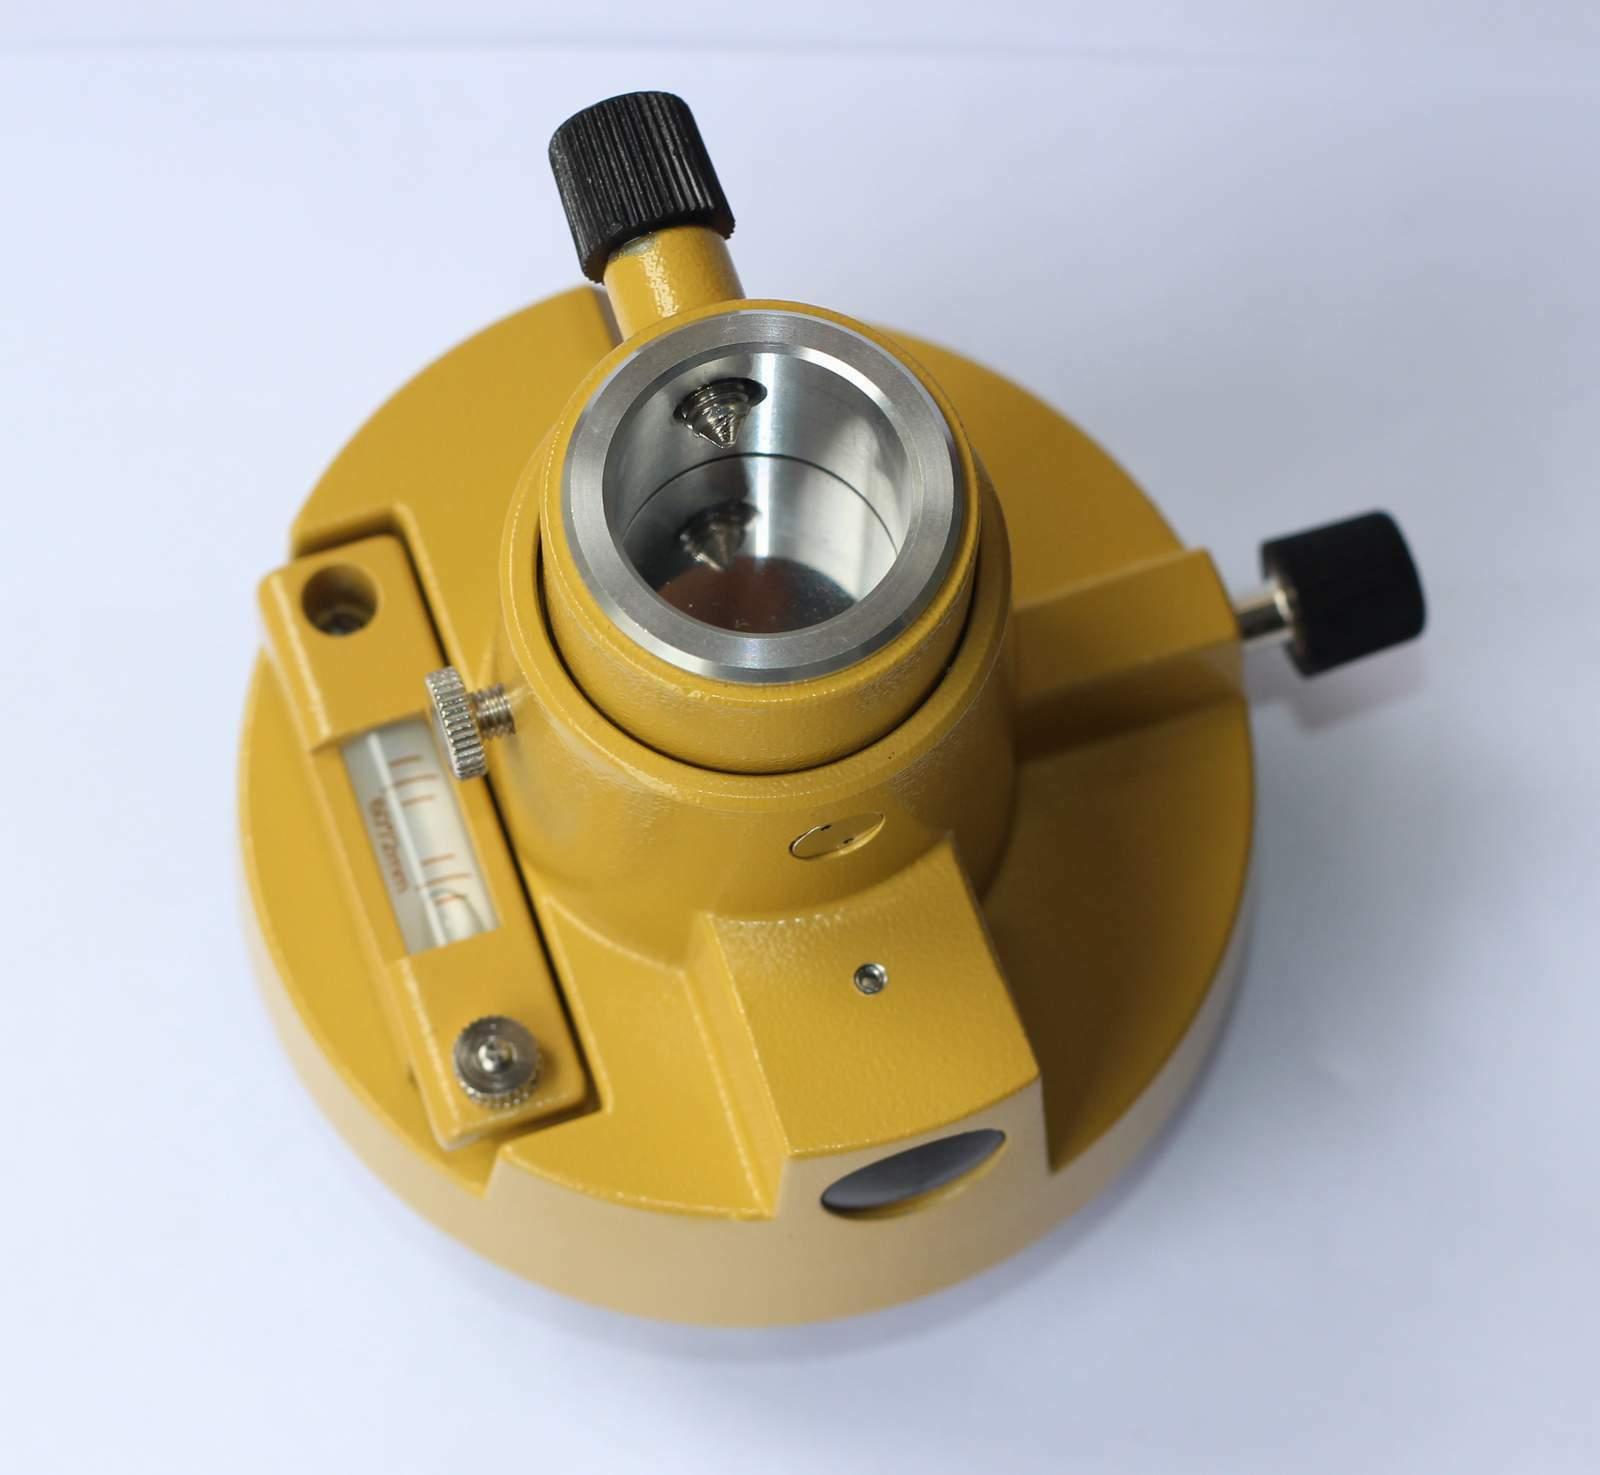 Adaptateur TOPCON TRIBRACH jaune à trois mâchoires sans optique, pour STATIONS totales